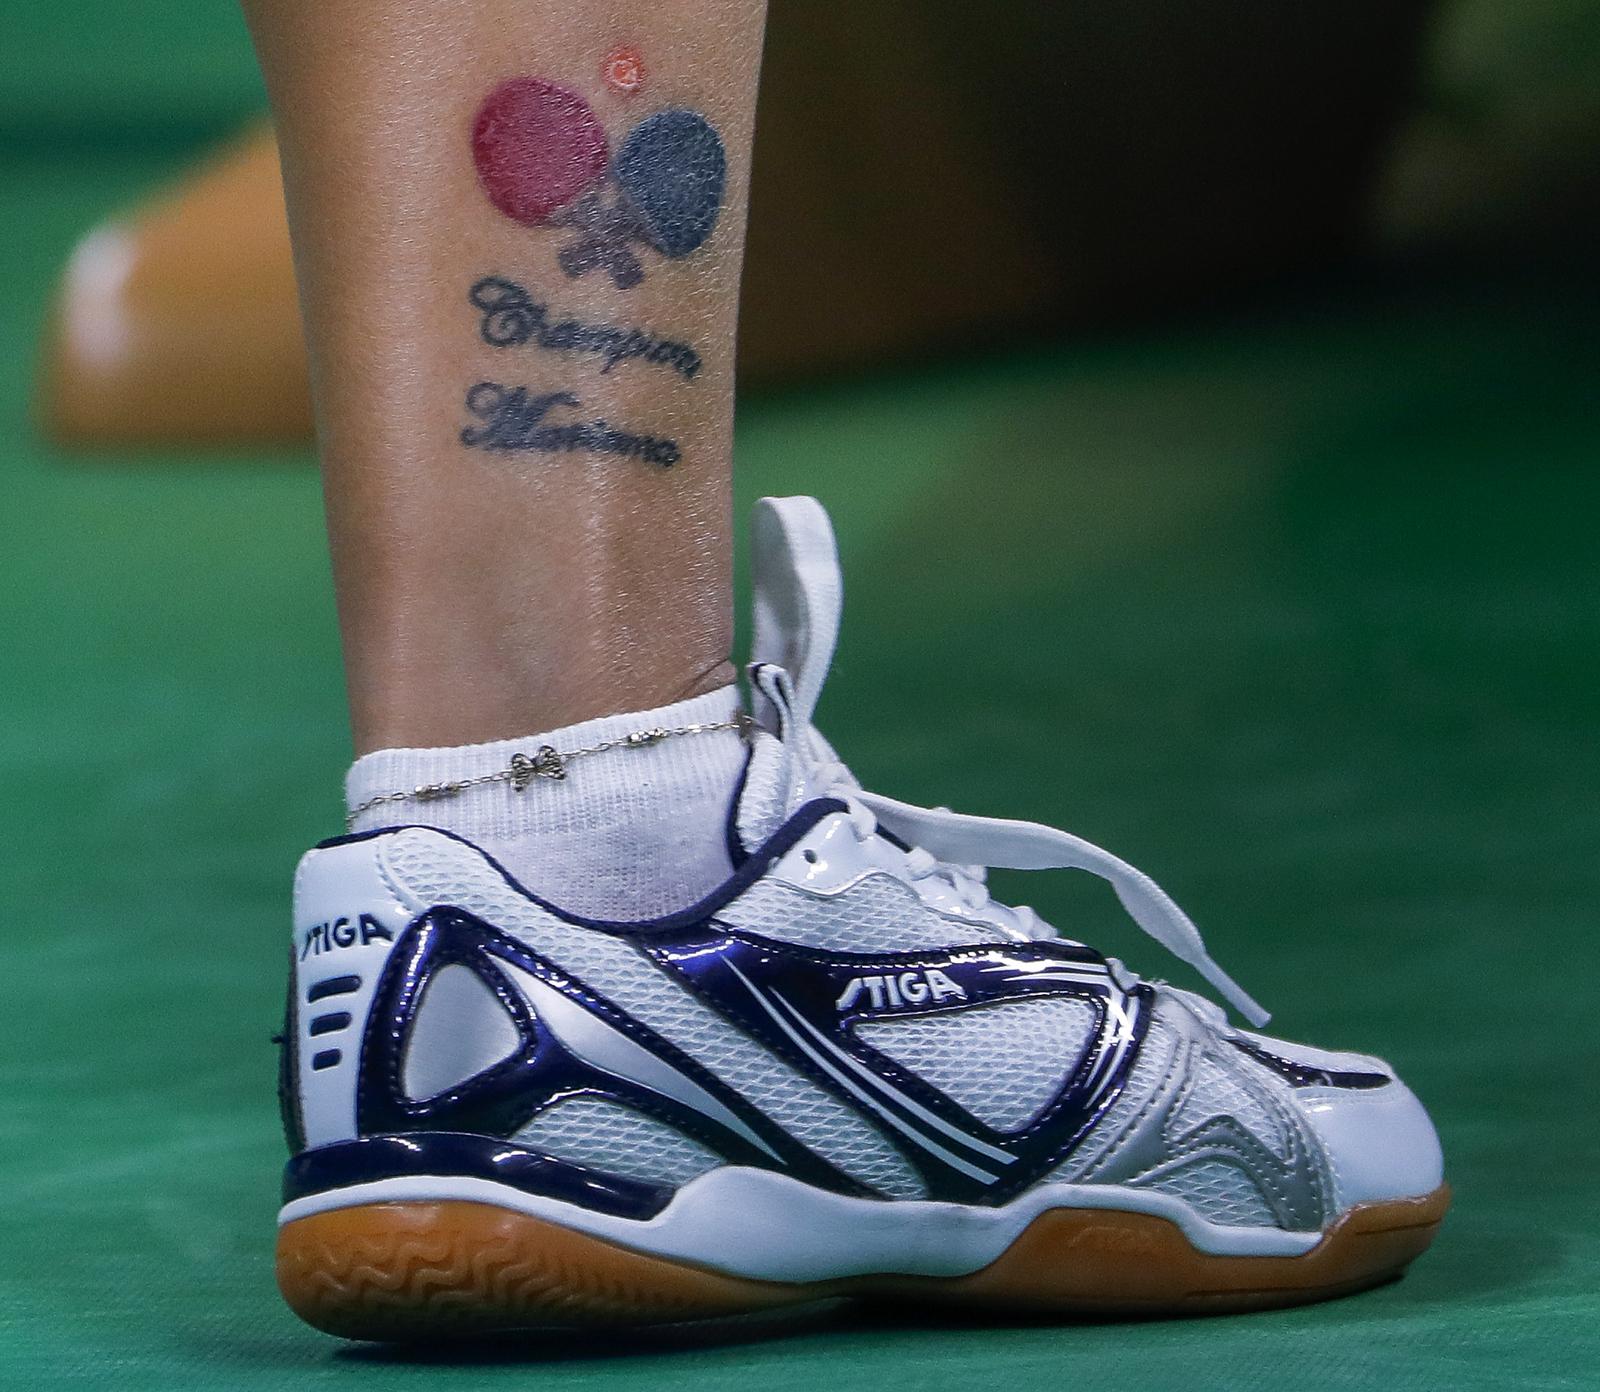 Татуировка на ноге спортсменки Марианы Саакян